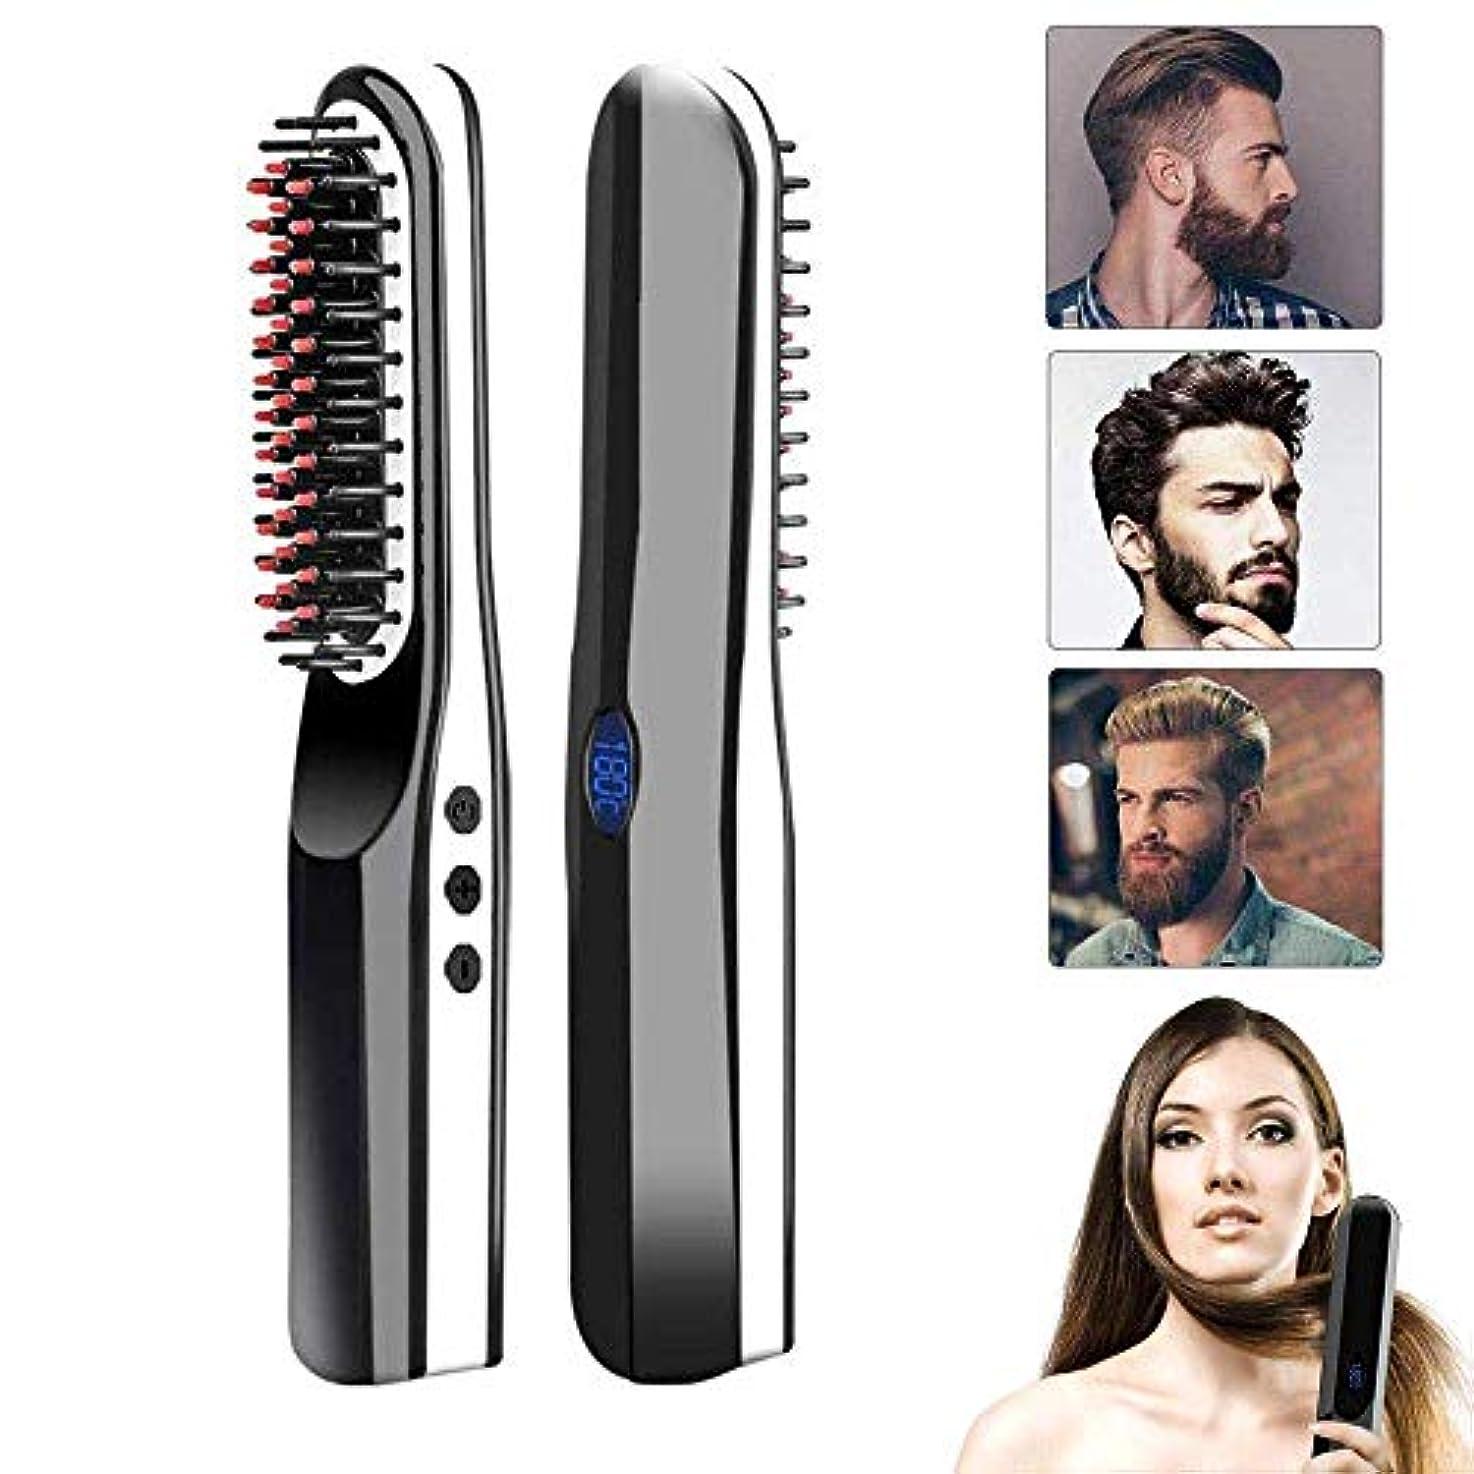 重量阻害するパーティーコードレスアンチスカルド自動で毛矯正ブラシ旅行/家、男性の女性のための1の2つの多機能の毛の櫛のカーリングアイロン